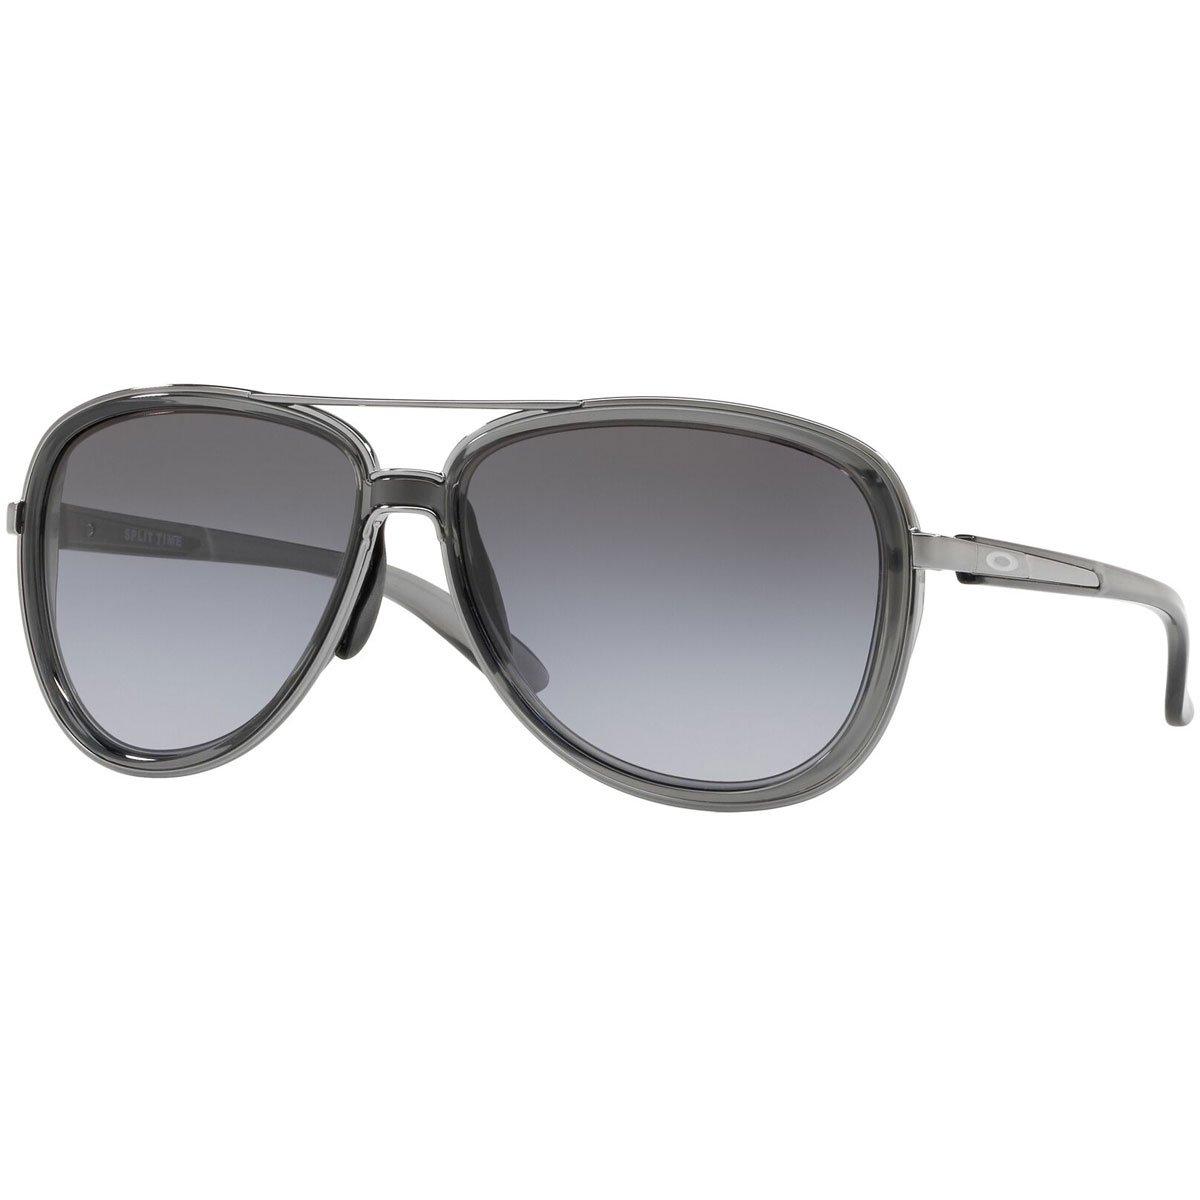 Oakley Women's Split Time Aviator Sunglasses, Onyx, 58.2 mm